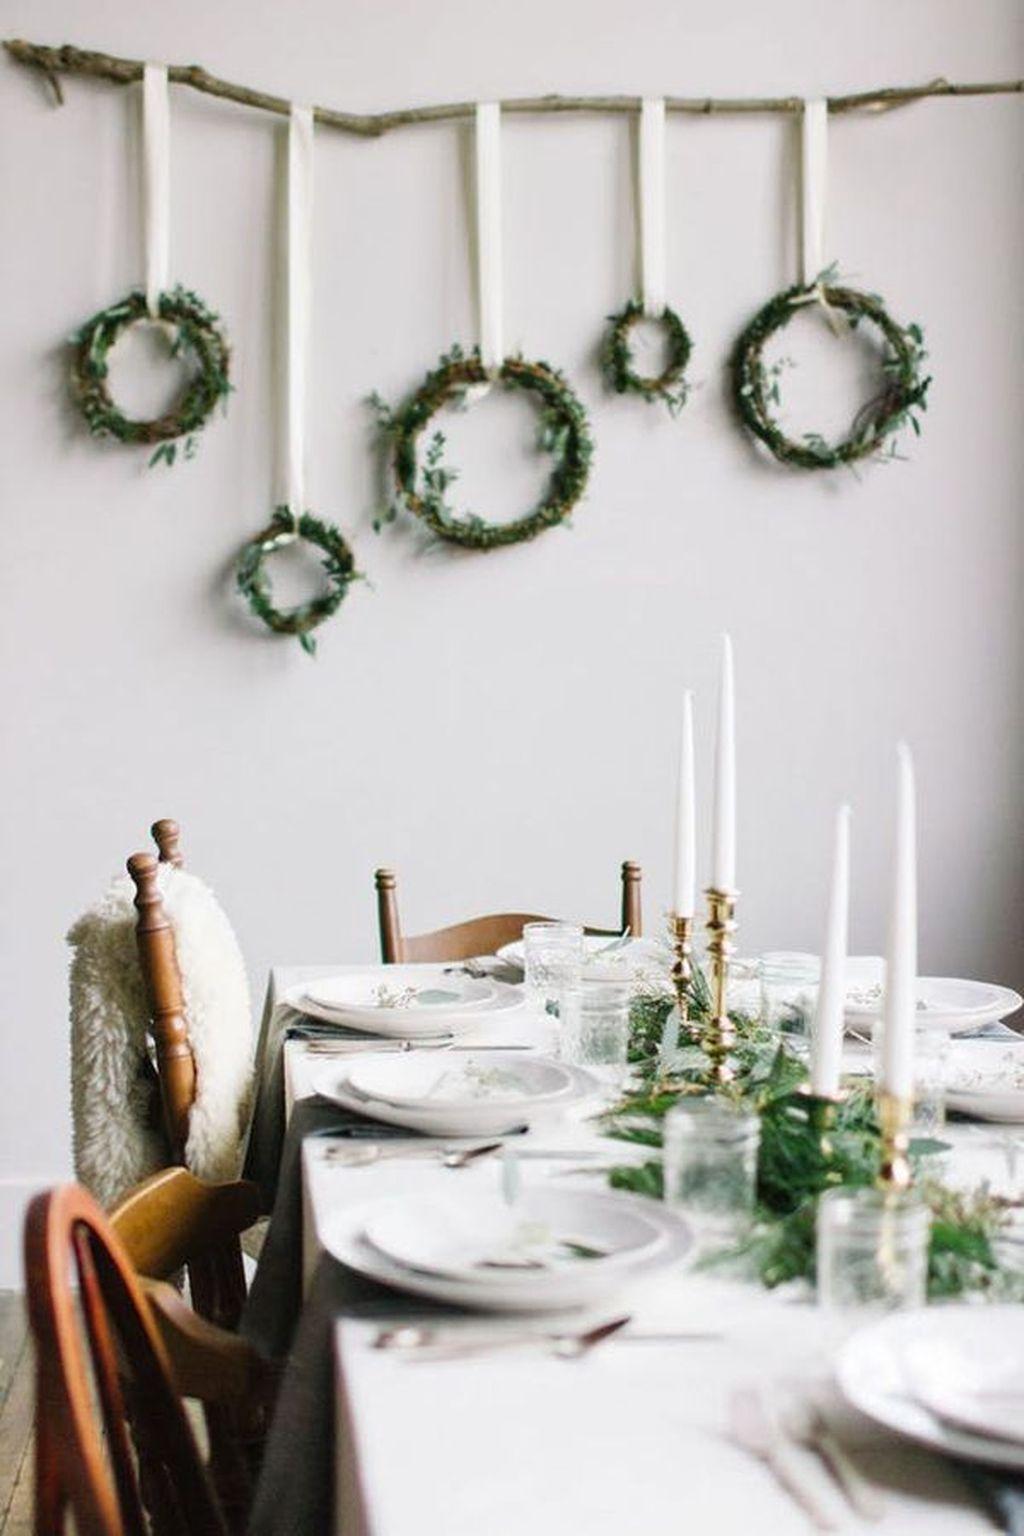 Simple Diy Christmas Home Decor Ideas 04